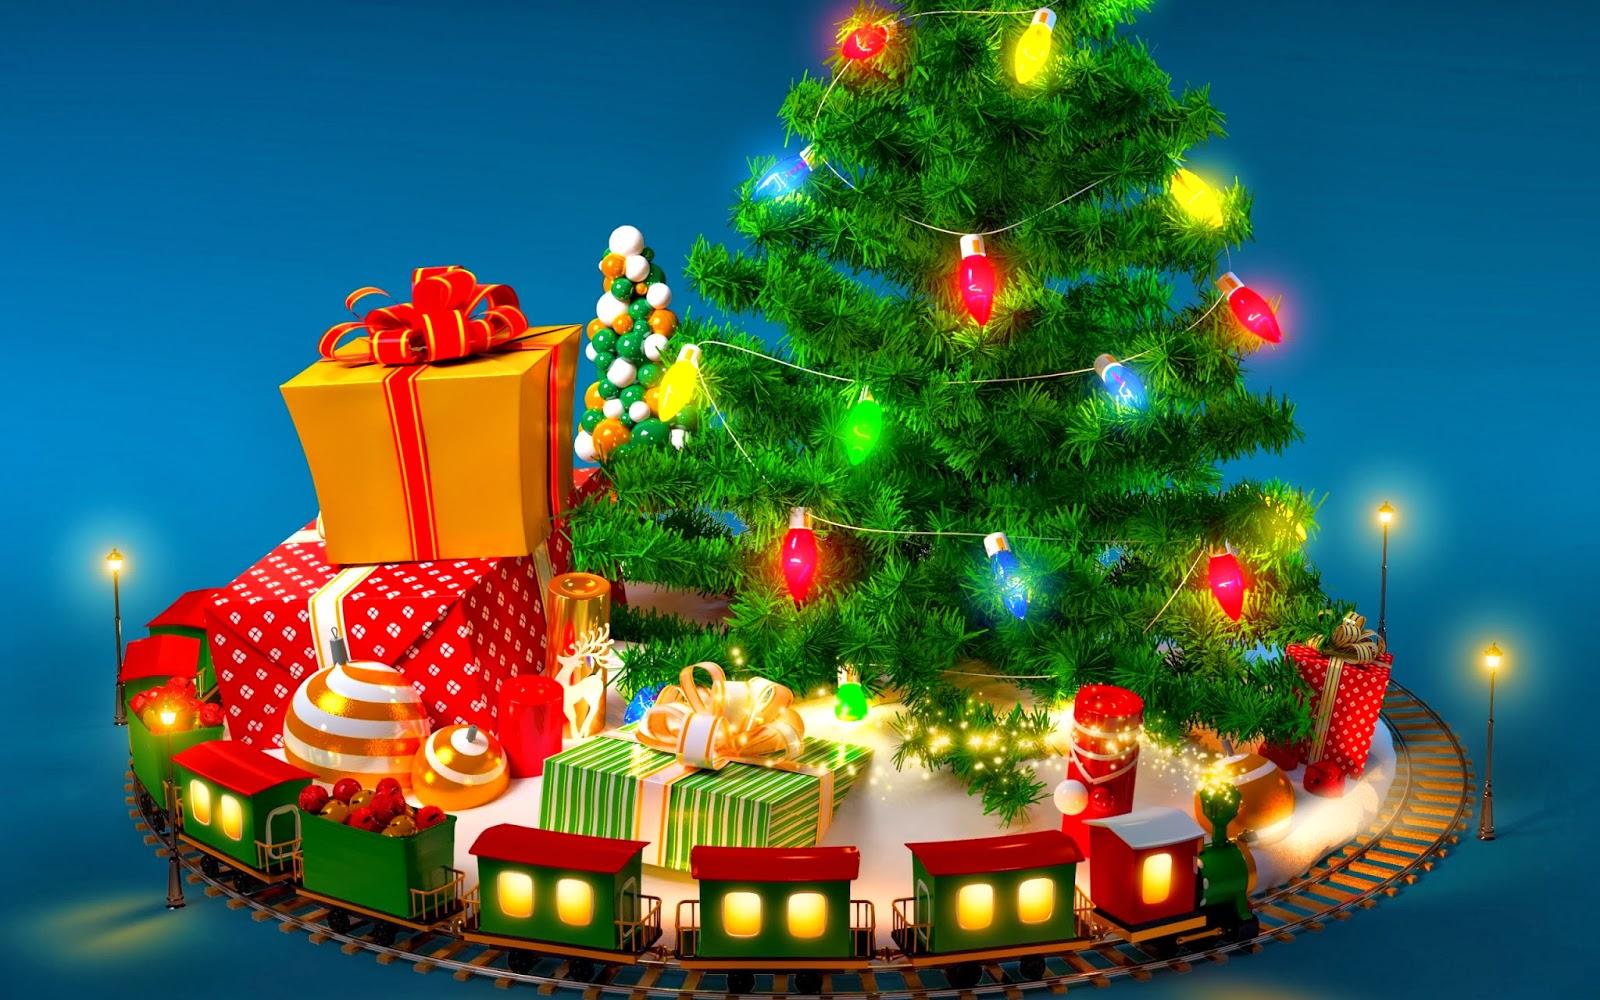 Foto Frontera: 22 imágenes bonitas de árboles de Navidad